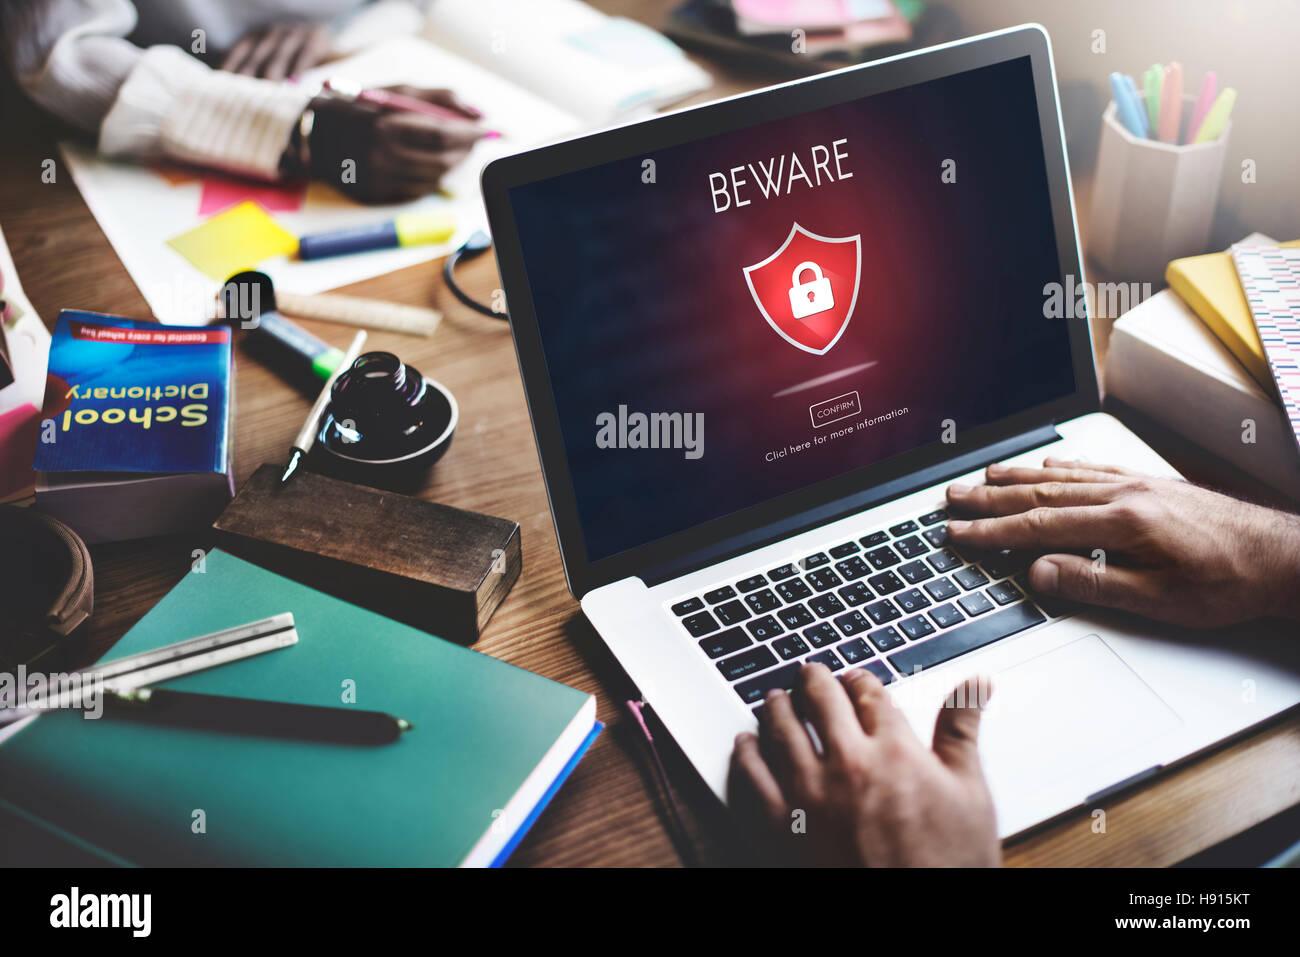 Attenzione Attenzione pericoloso Concetto di hacking Immagini Stock